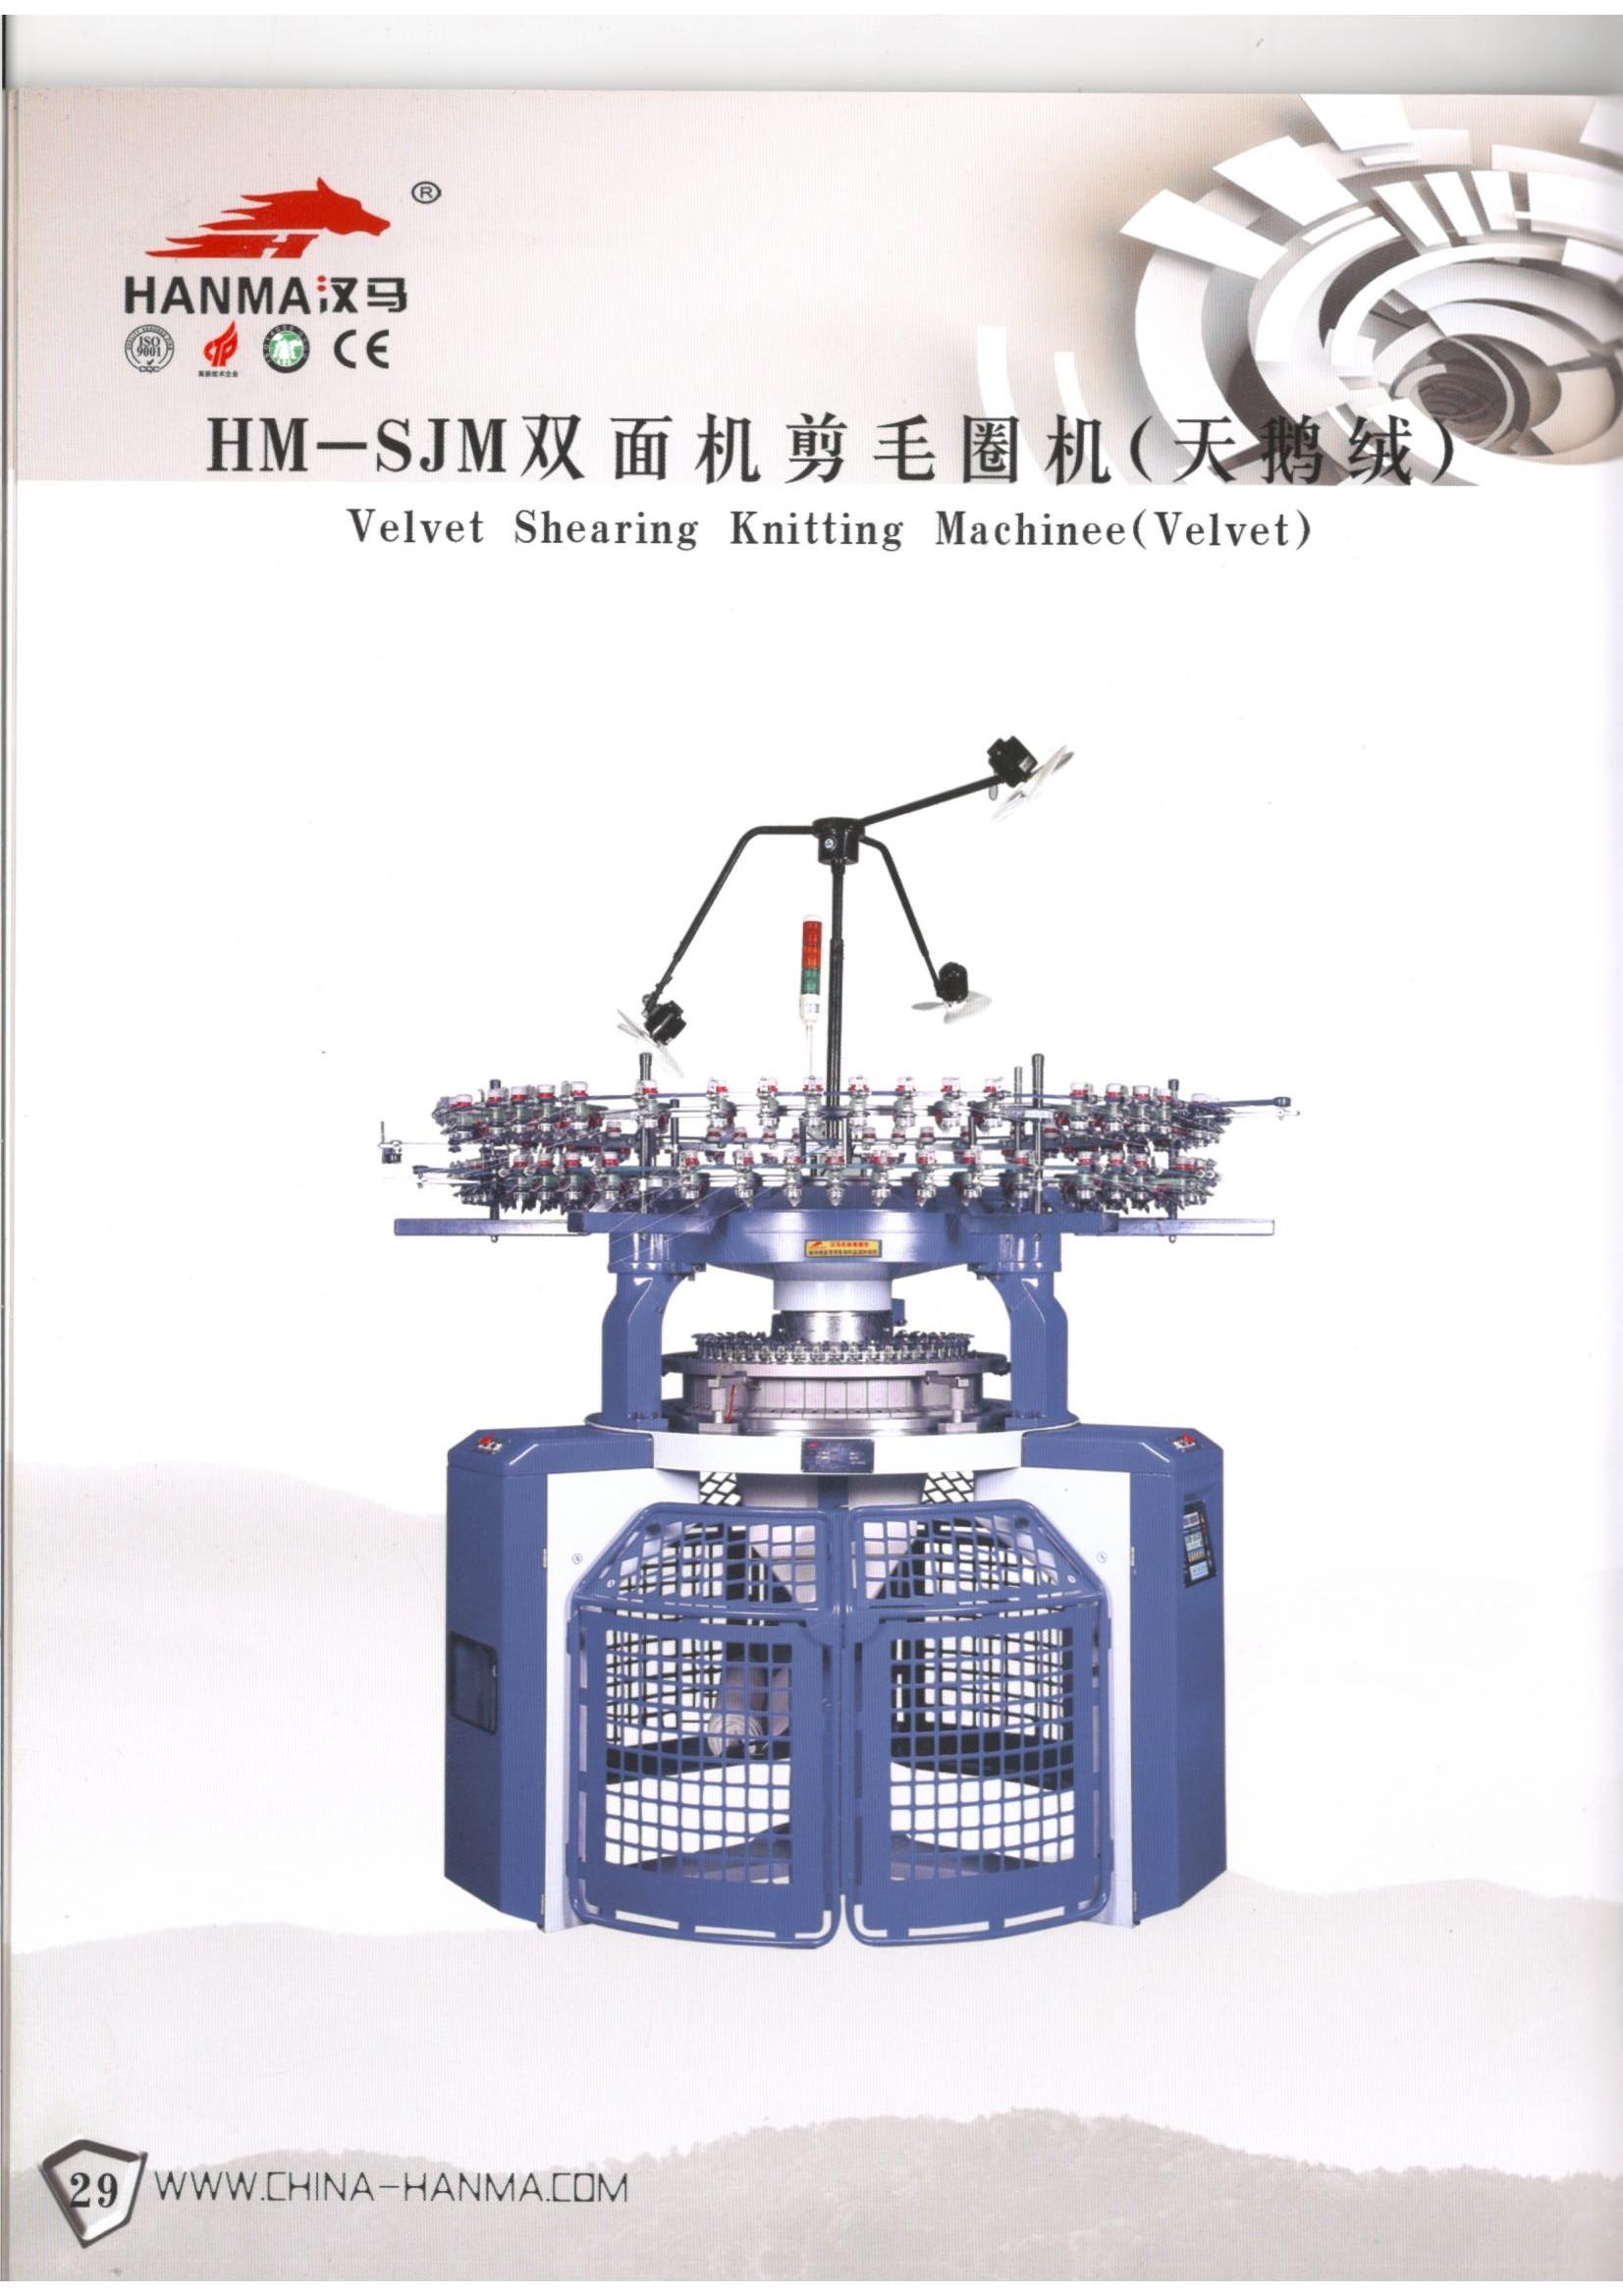 Velvet Shearing Knitting Machine